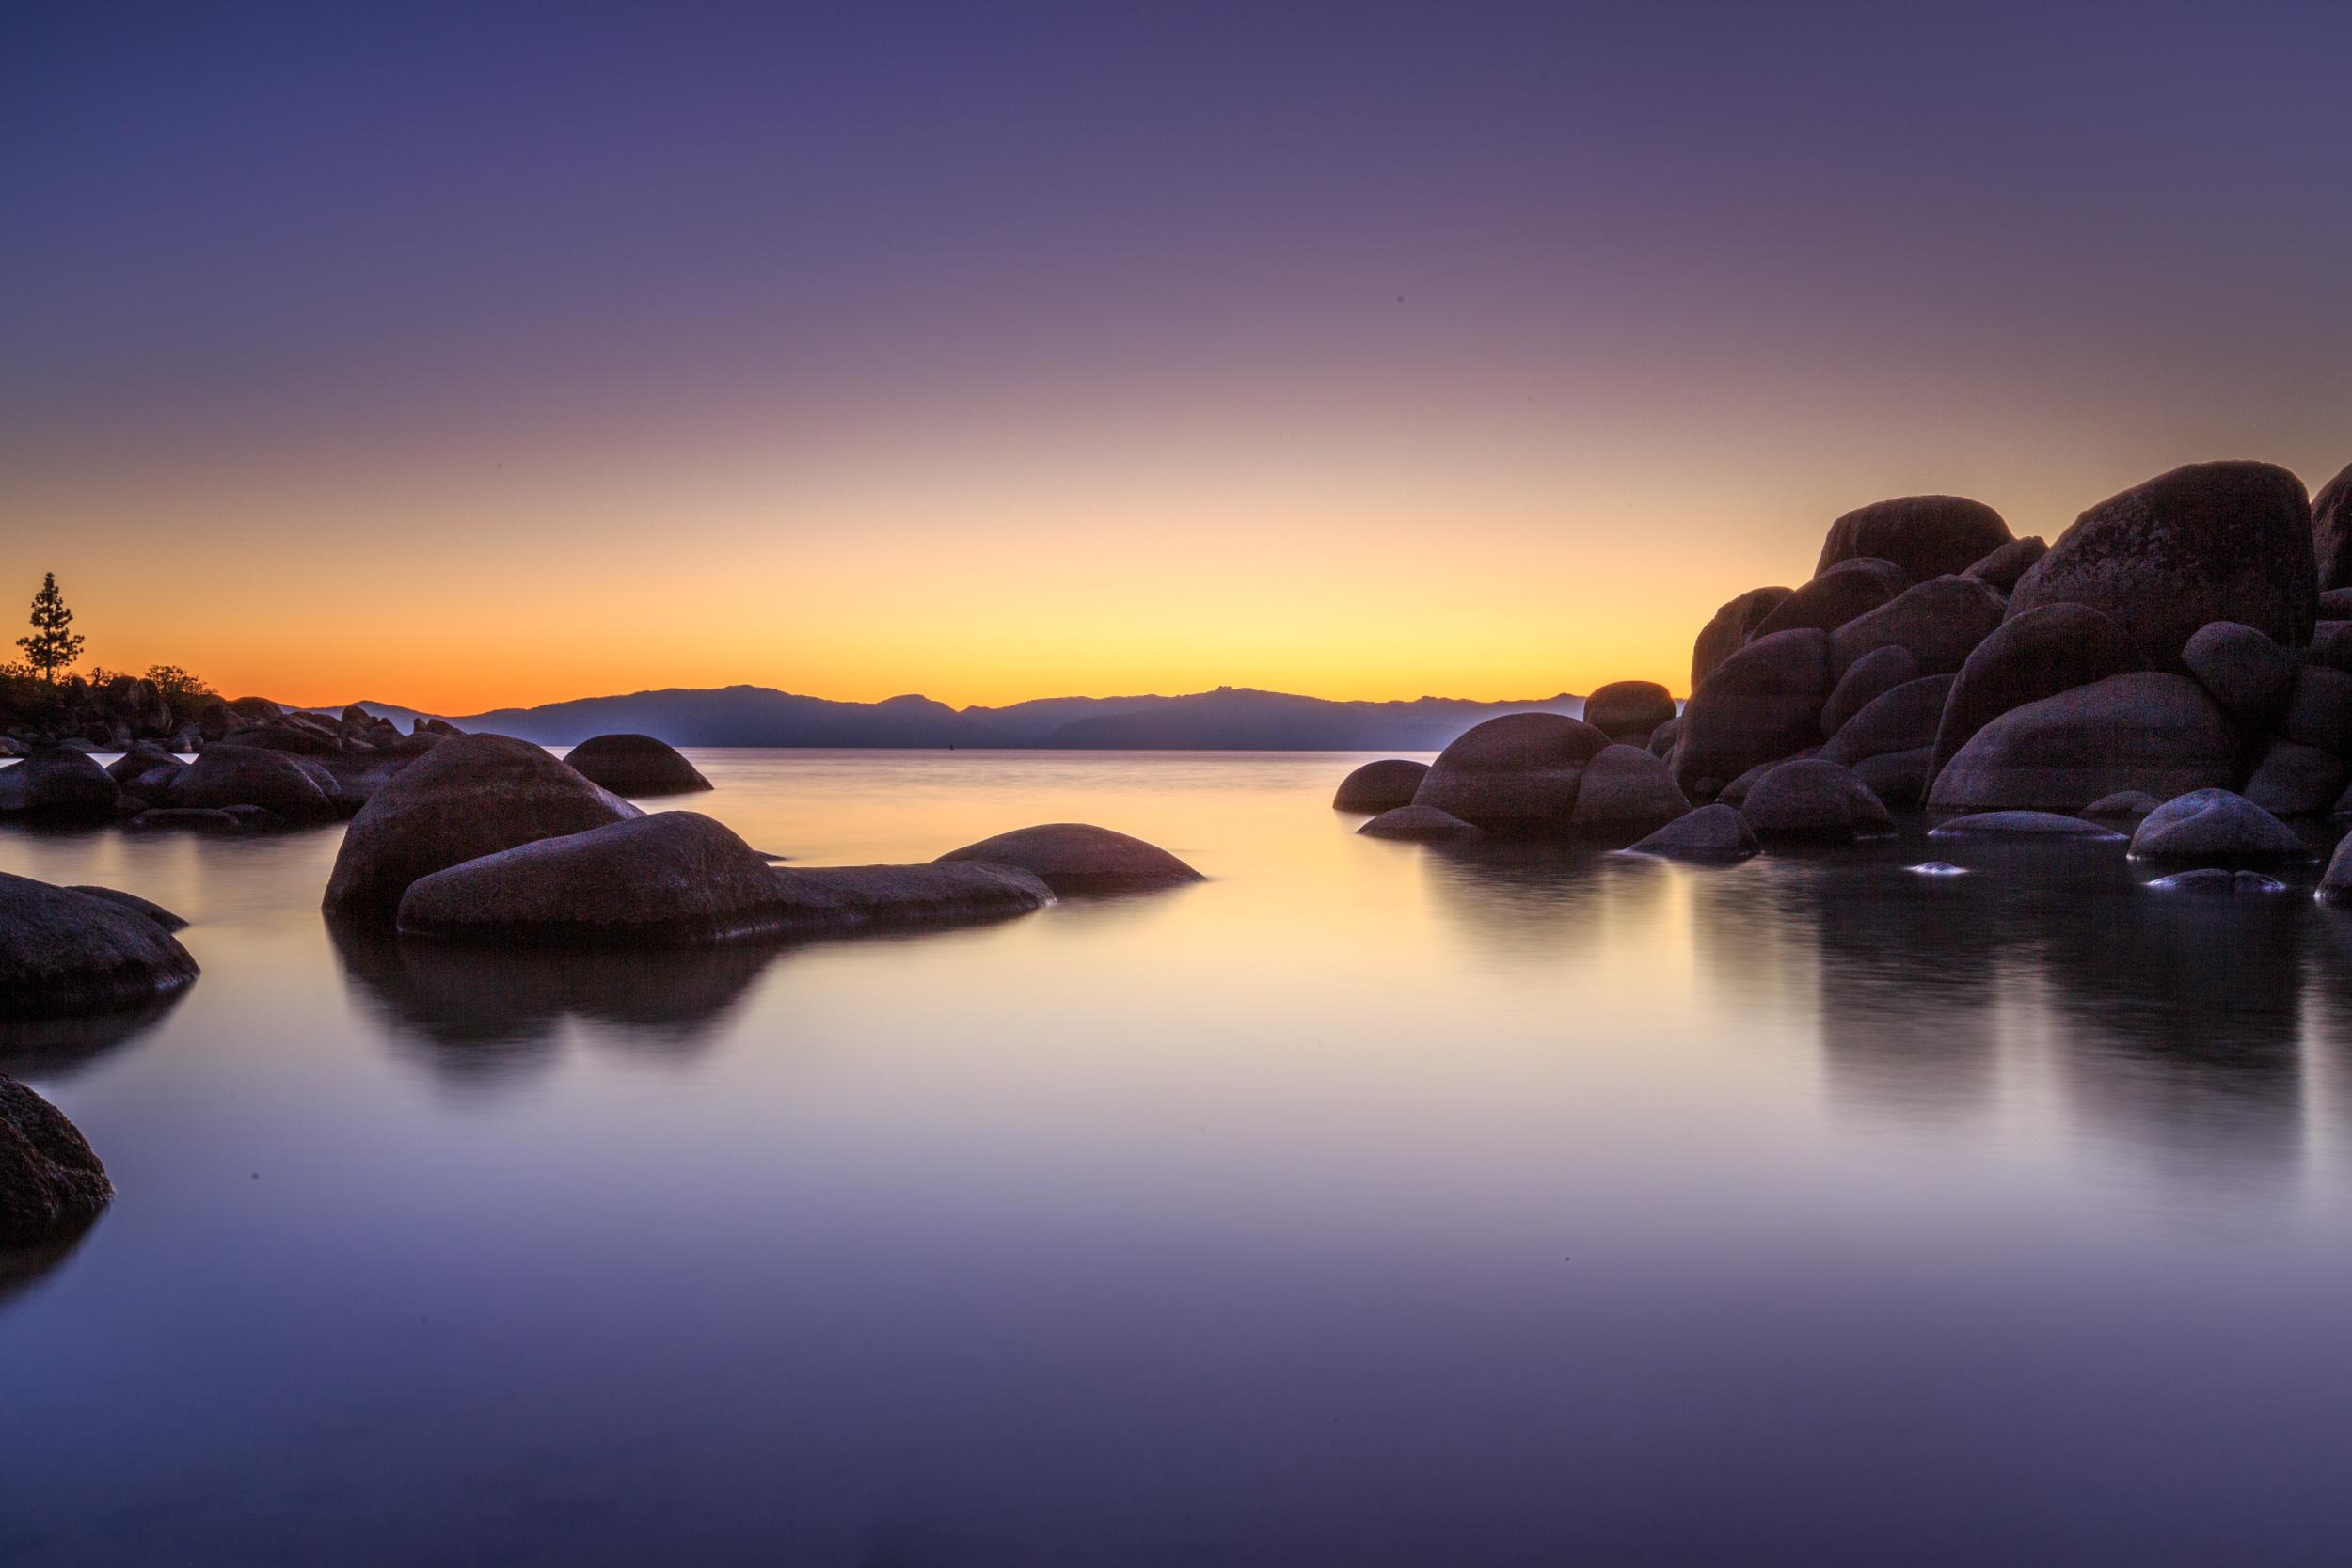 Day 69 - Lake Tahoe in sunset-002.jpg